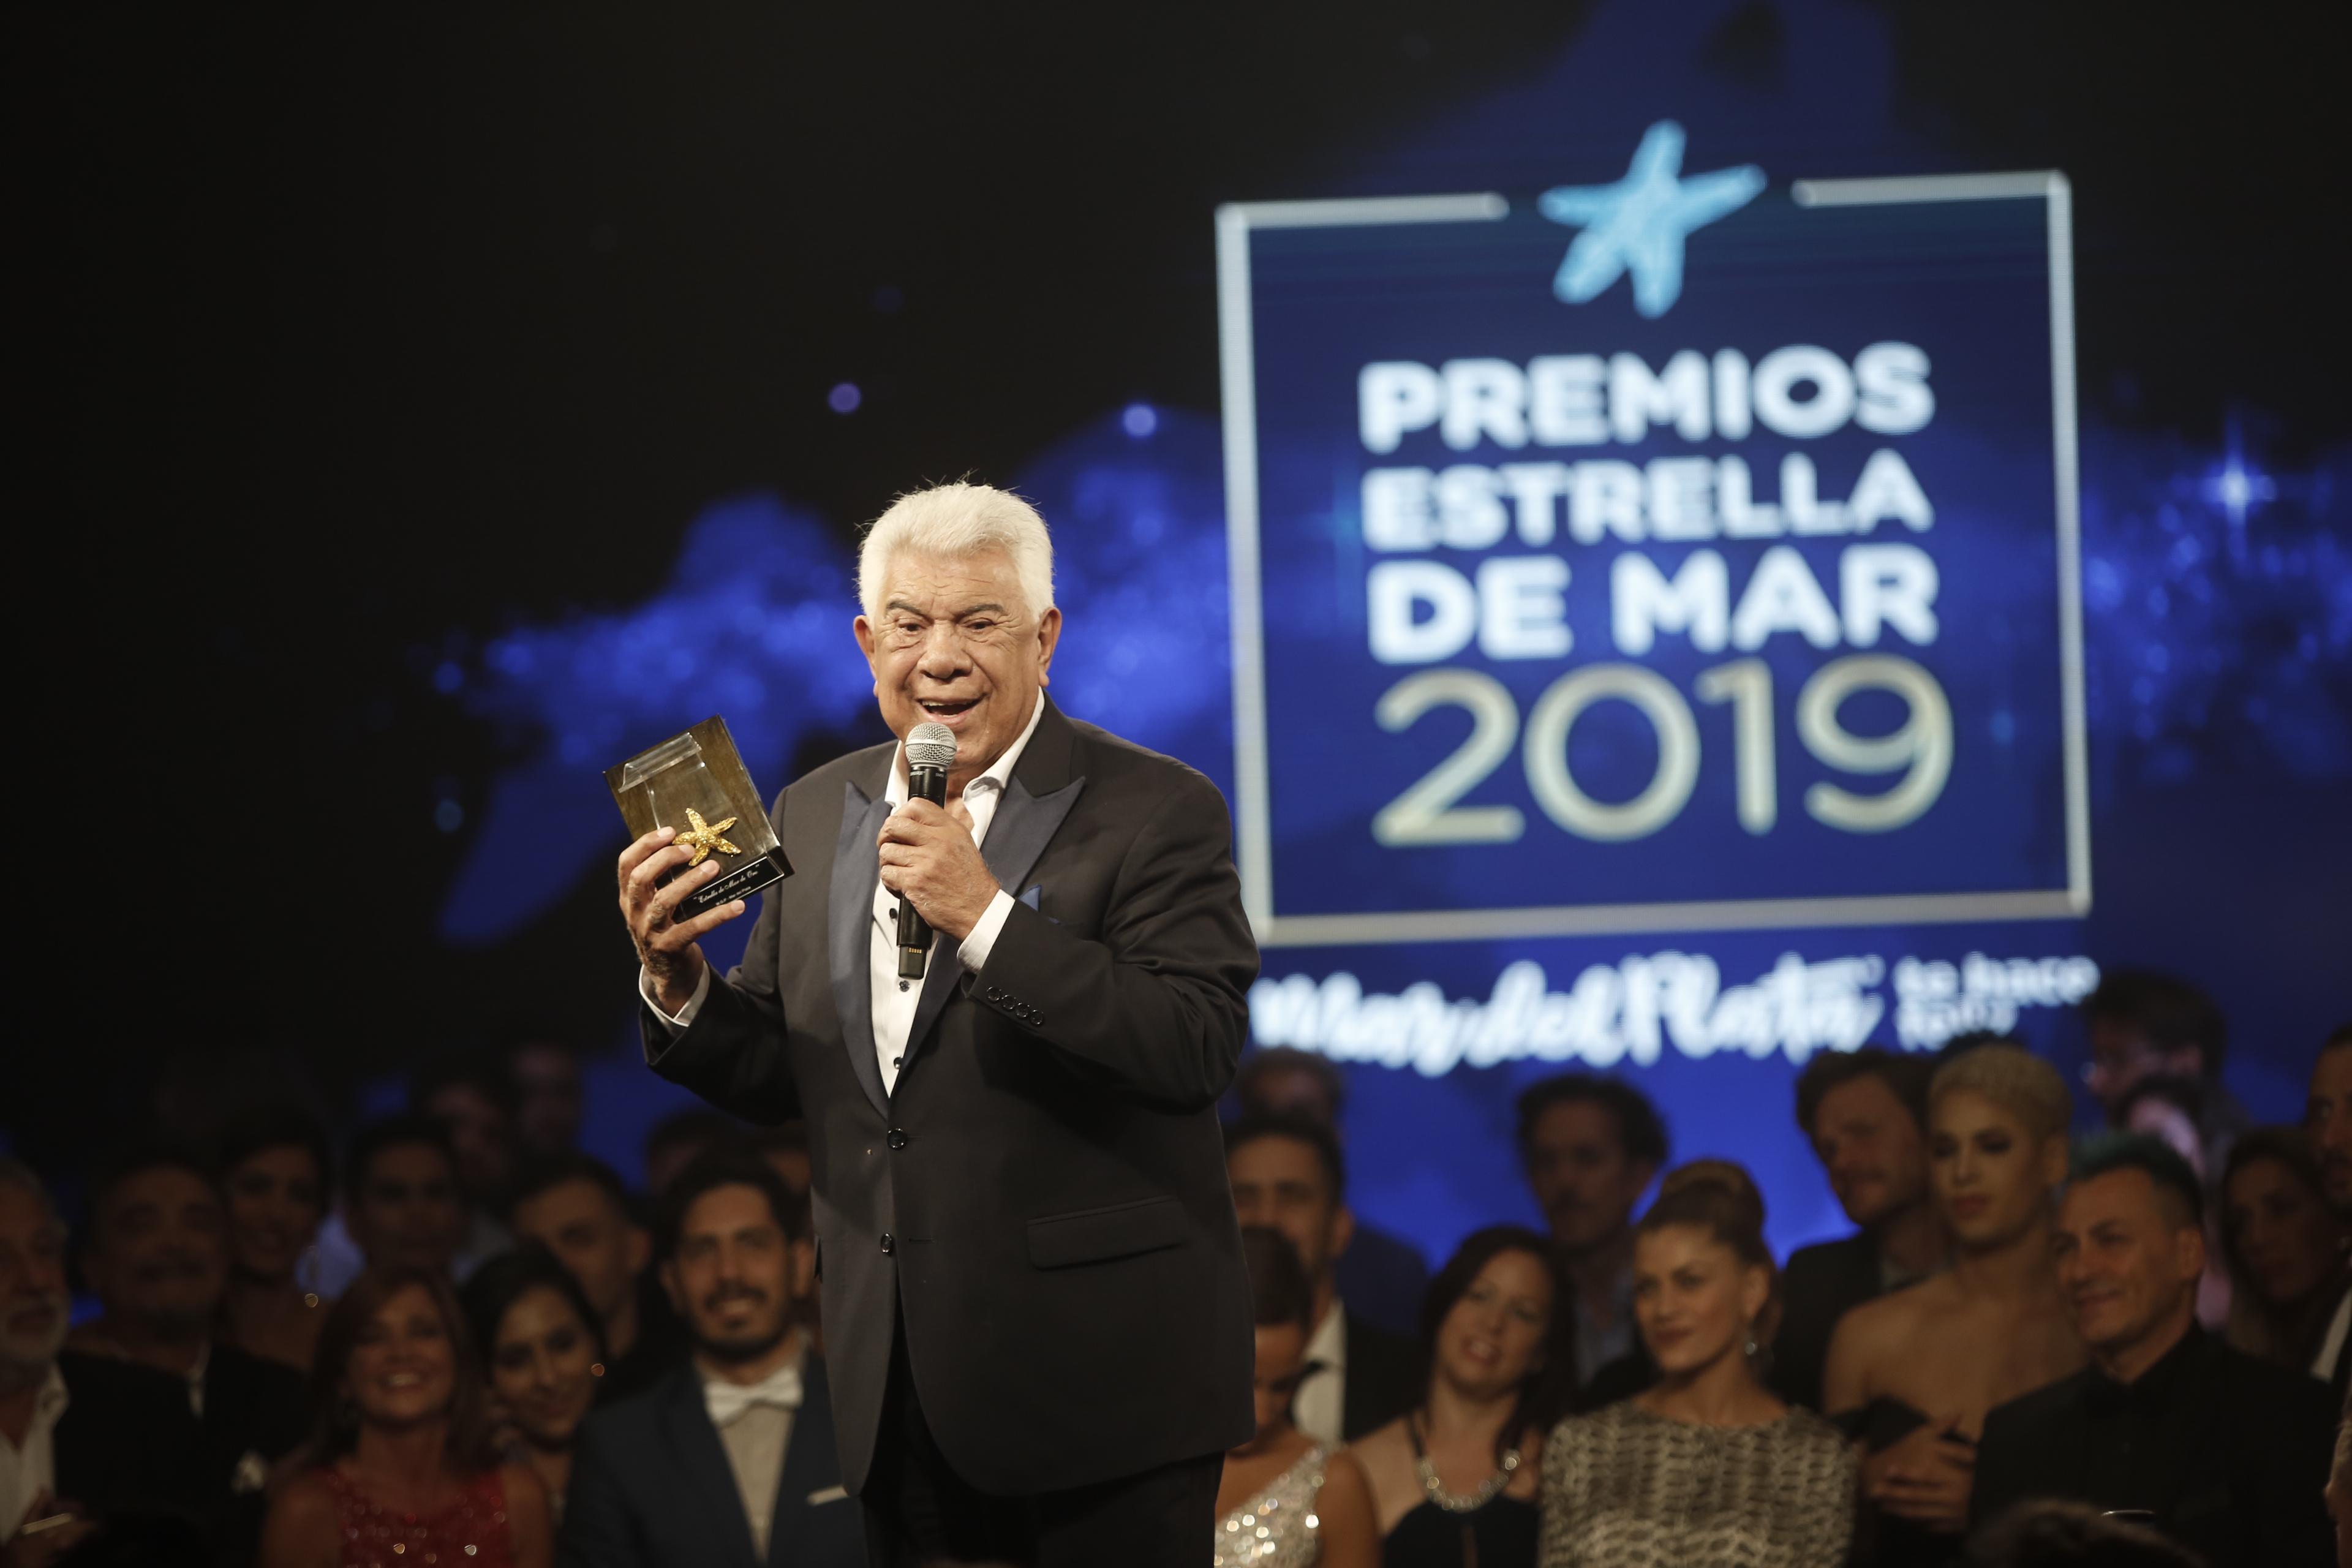 Ganadores de los Premios Estrella de Mar 2019